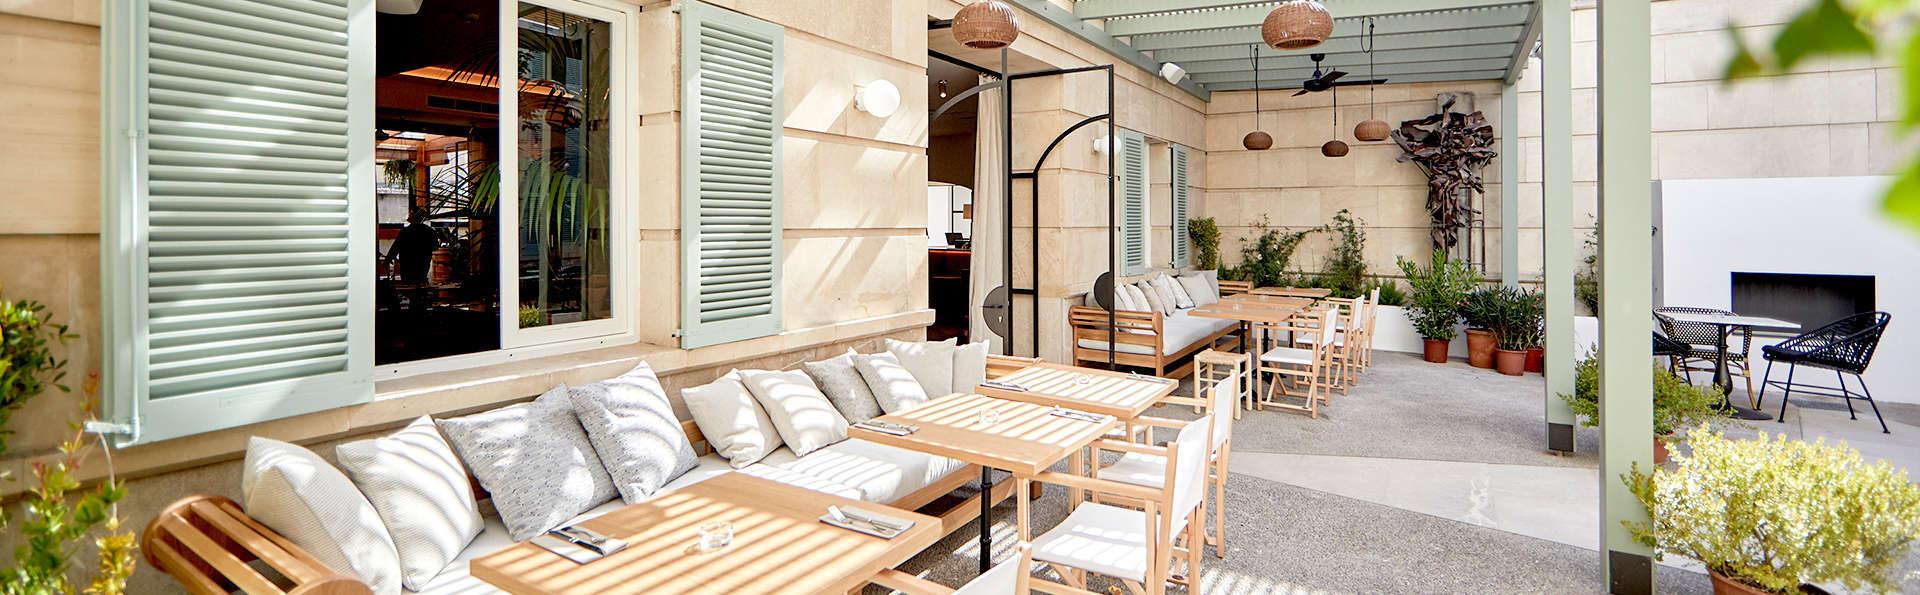 Escapada con encanto en un hotel boutique en pleno centro de Palma de Mallorca